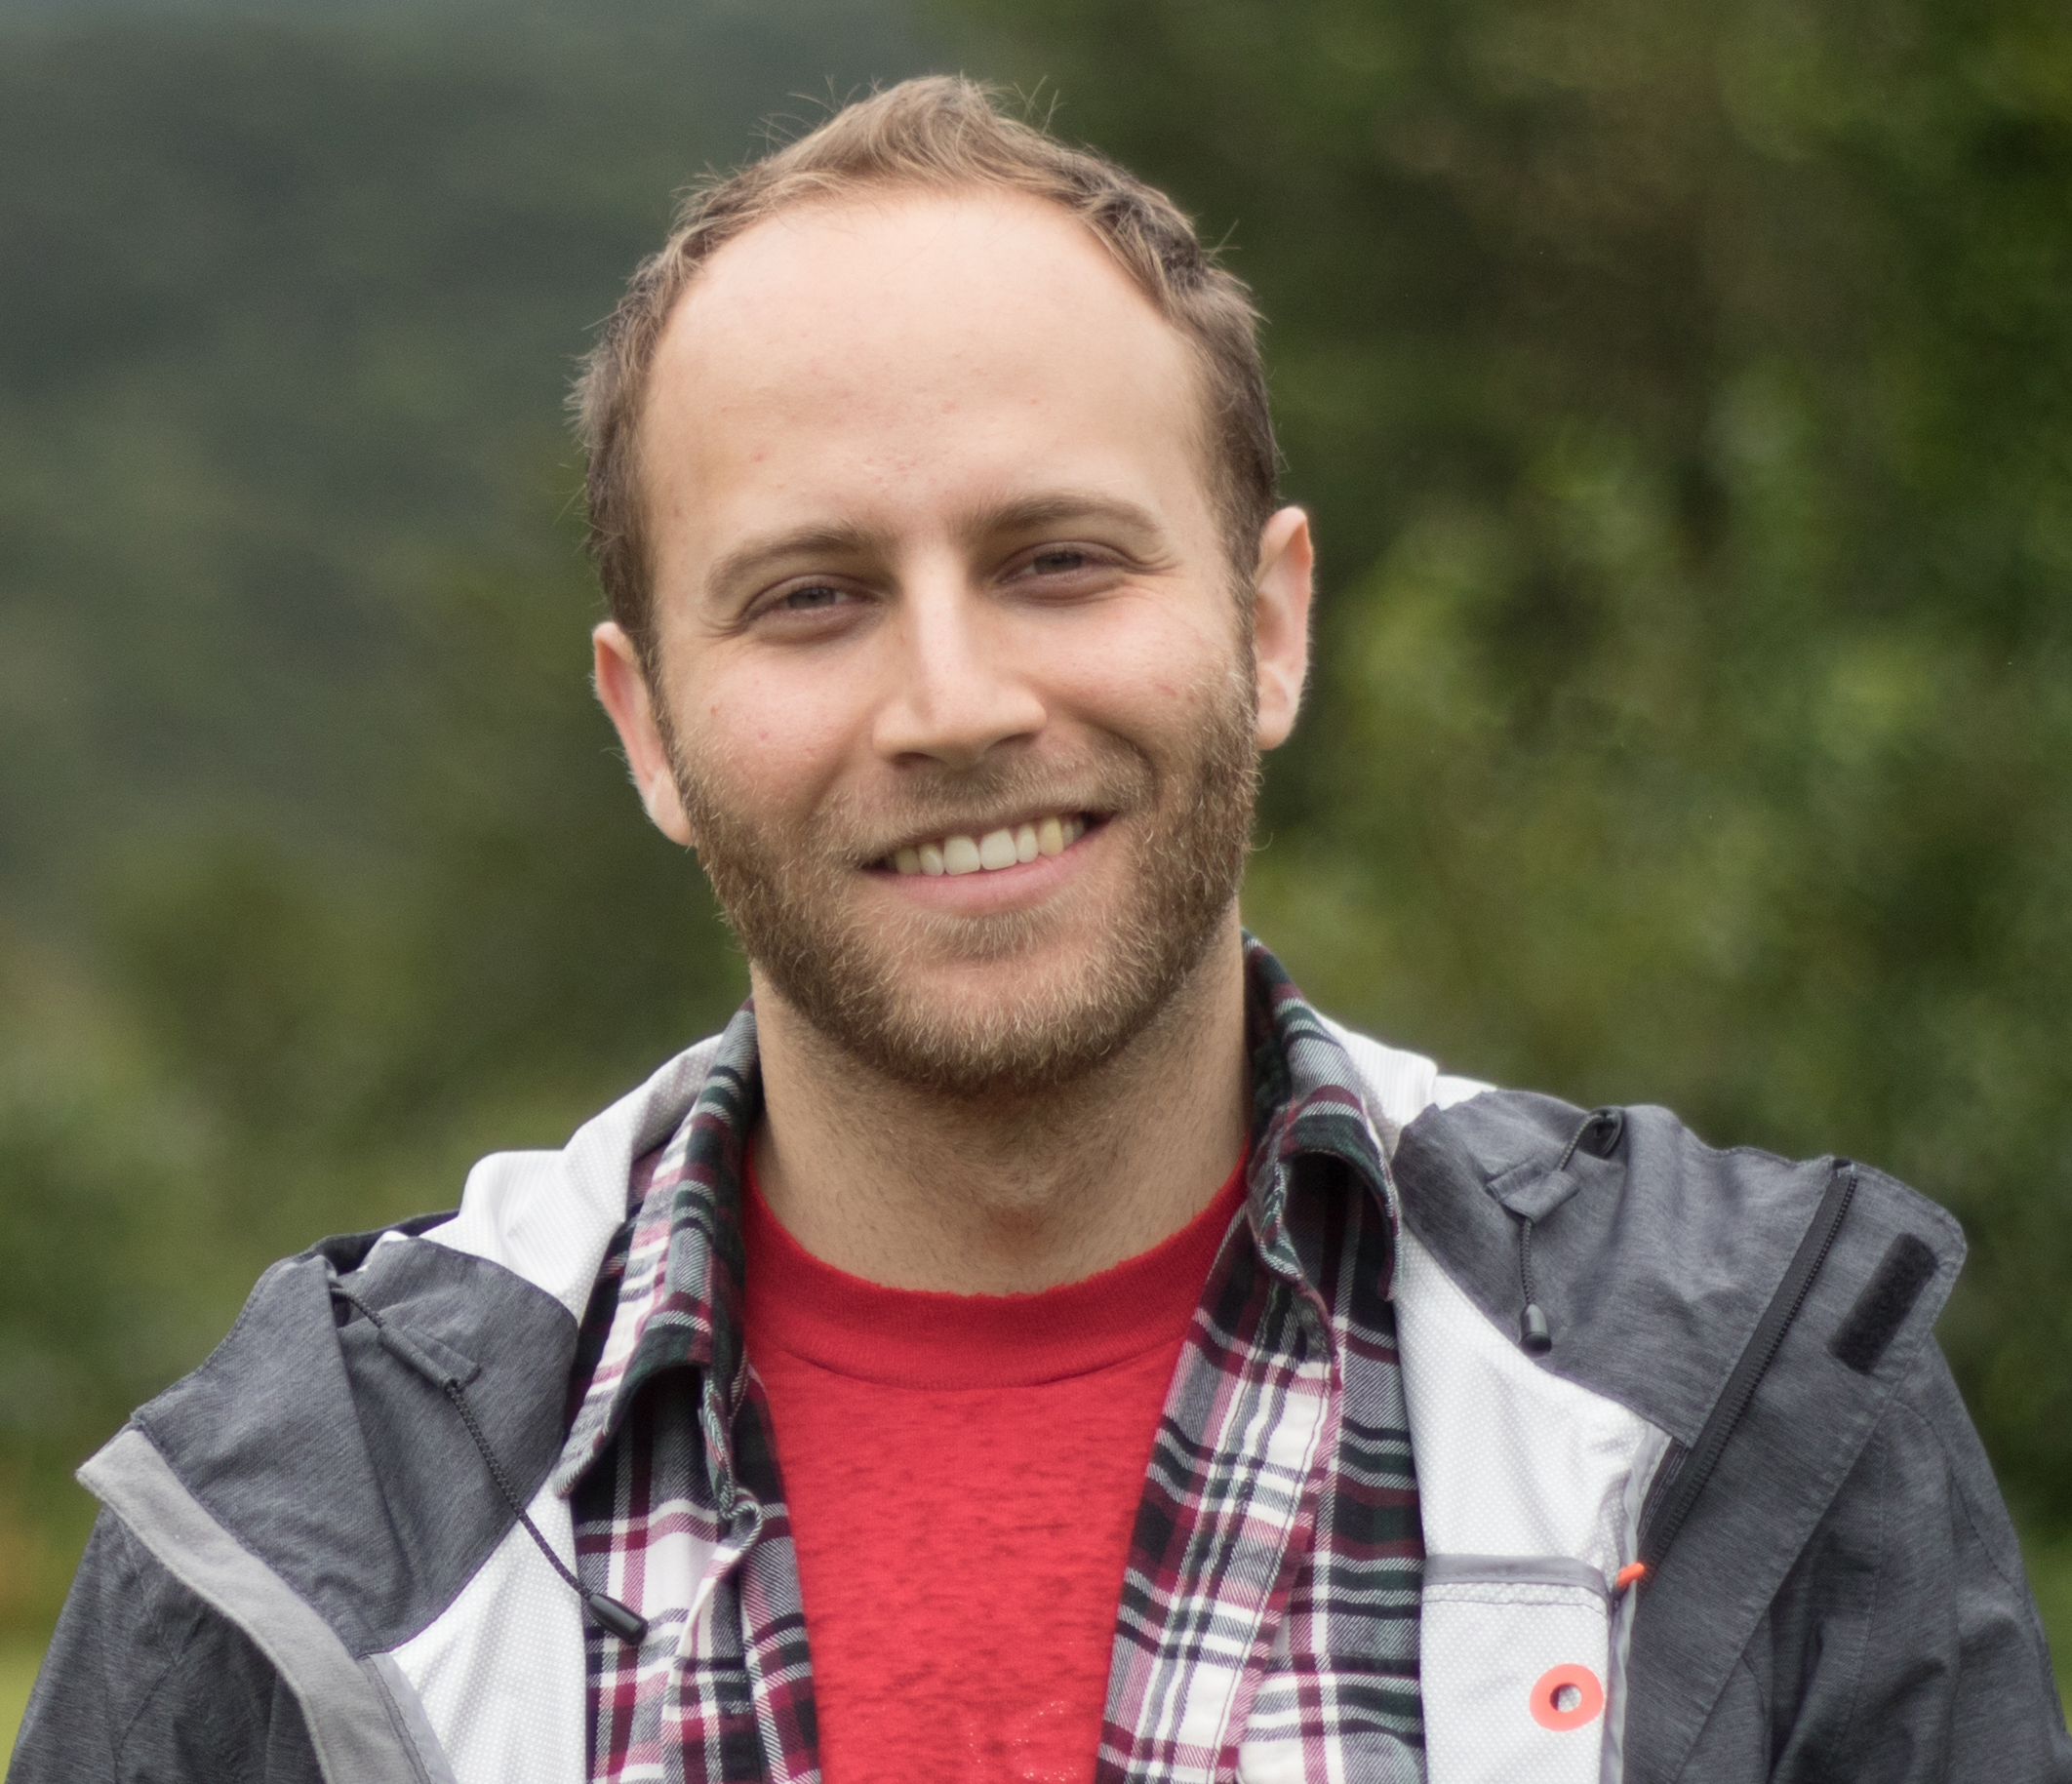 Aaron Kutnick